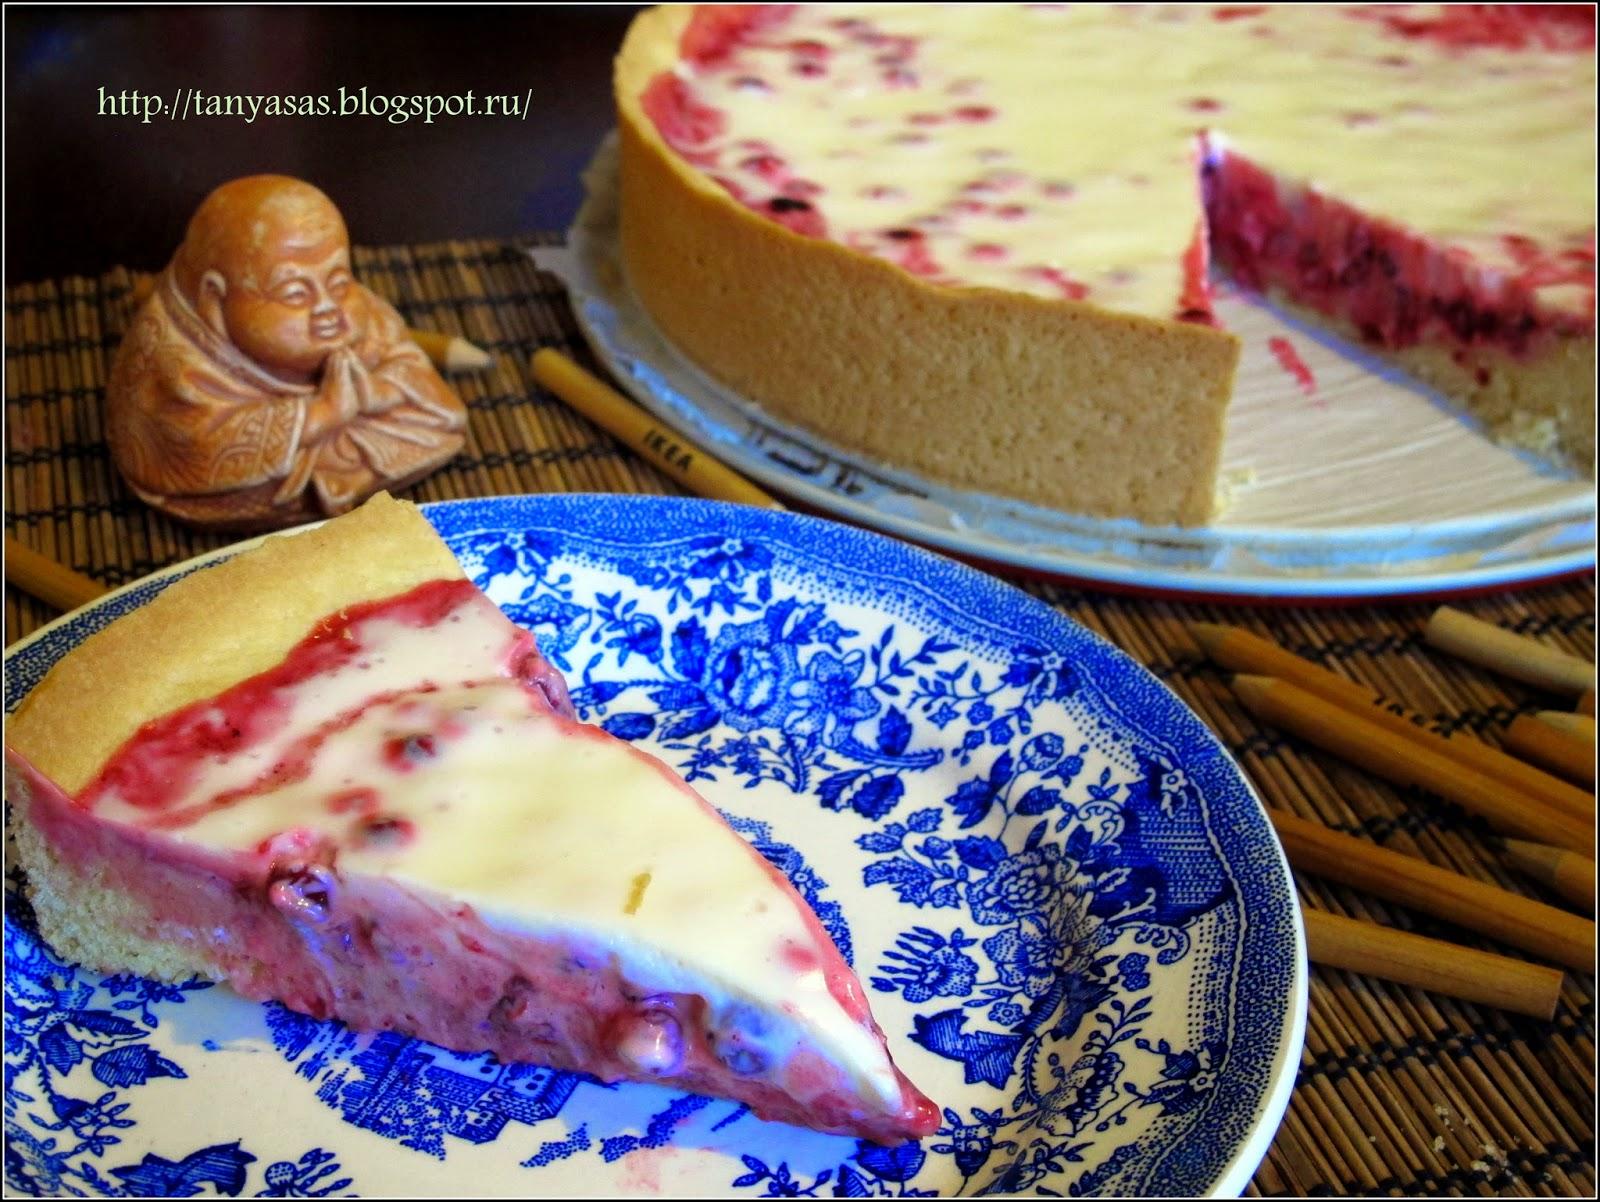 Брусничный пирог в сметанной заливке рецепт пошагово